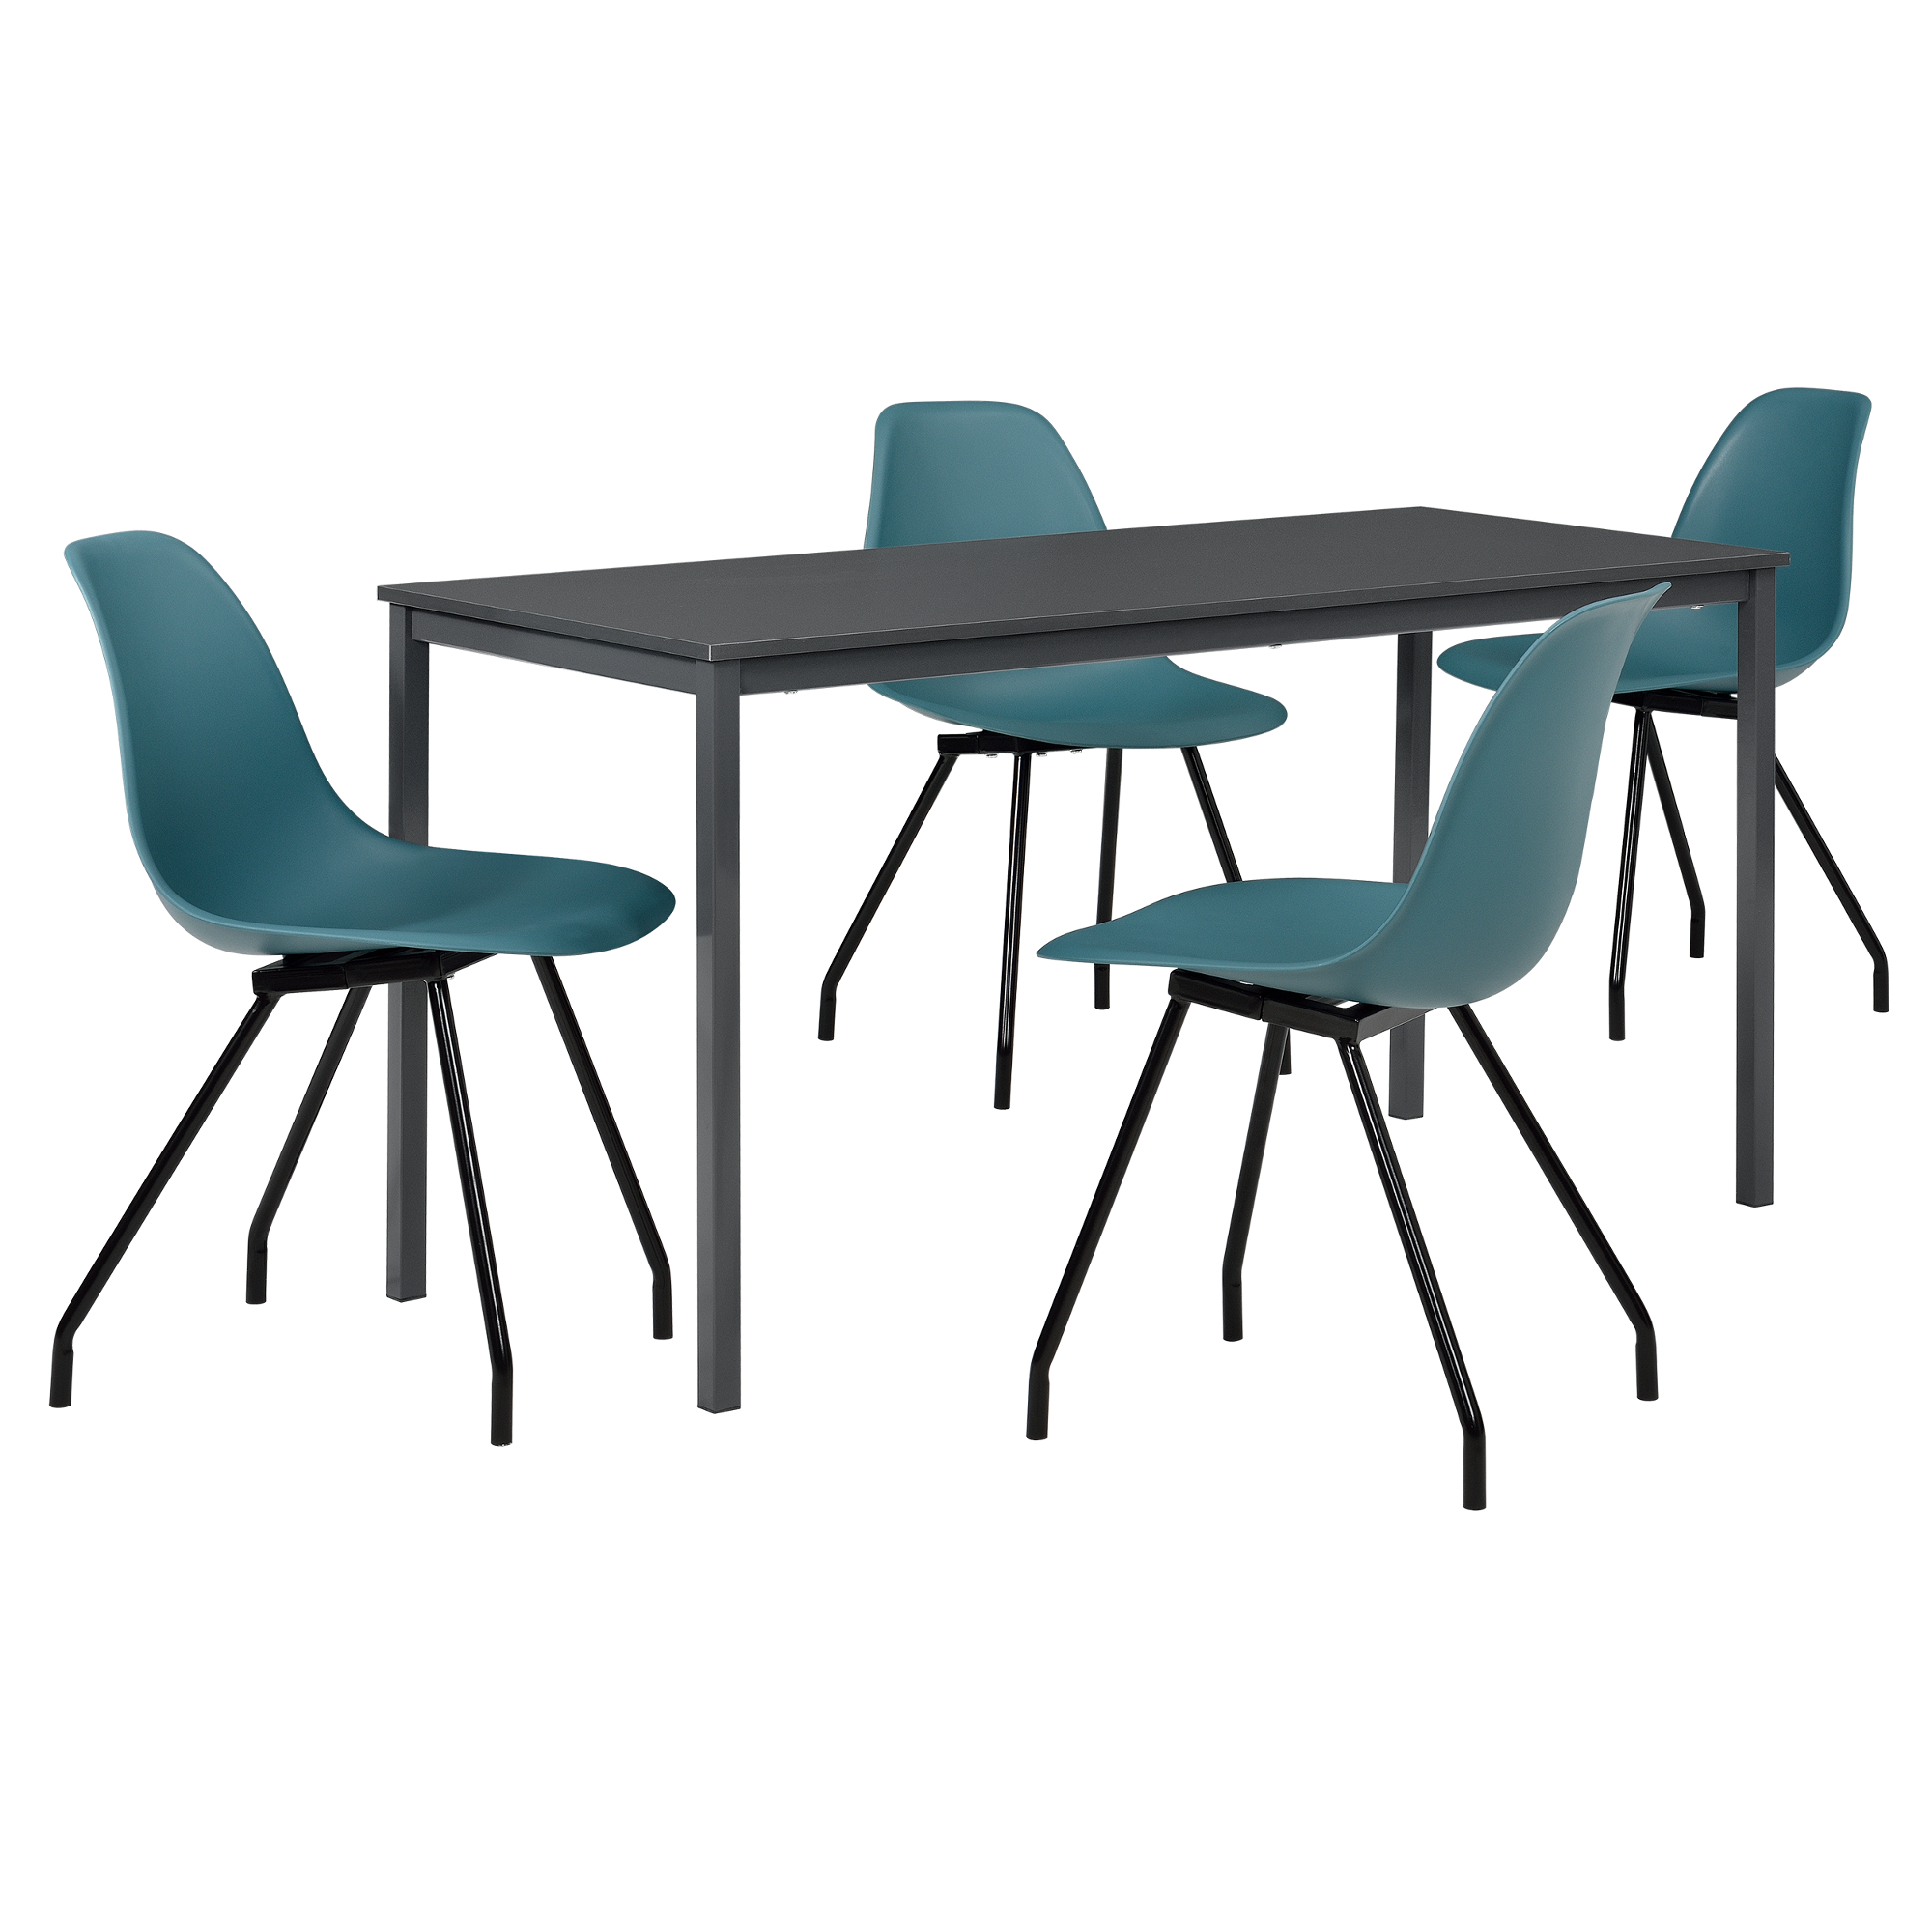 Mesa de comedor con 4 sillas gris turquesa for Sillas comedor turquesa